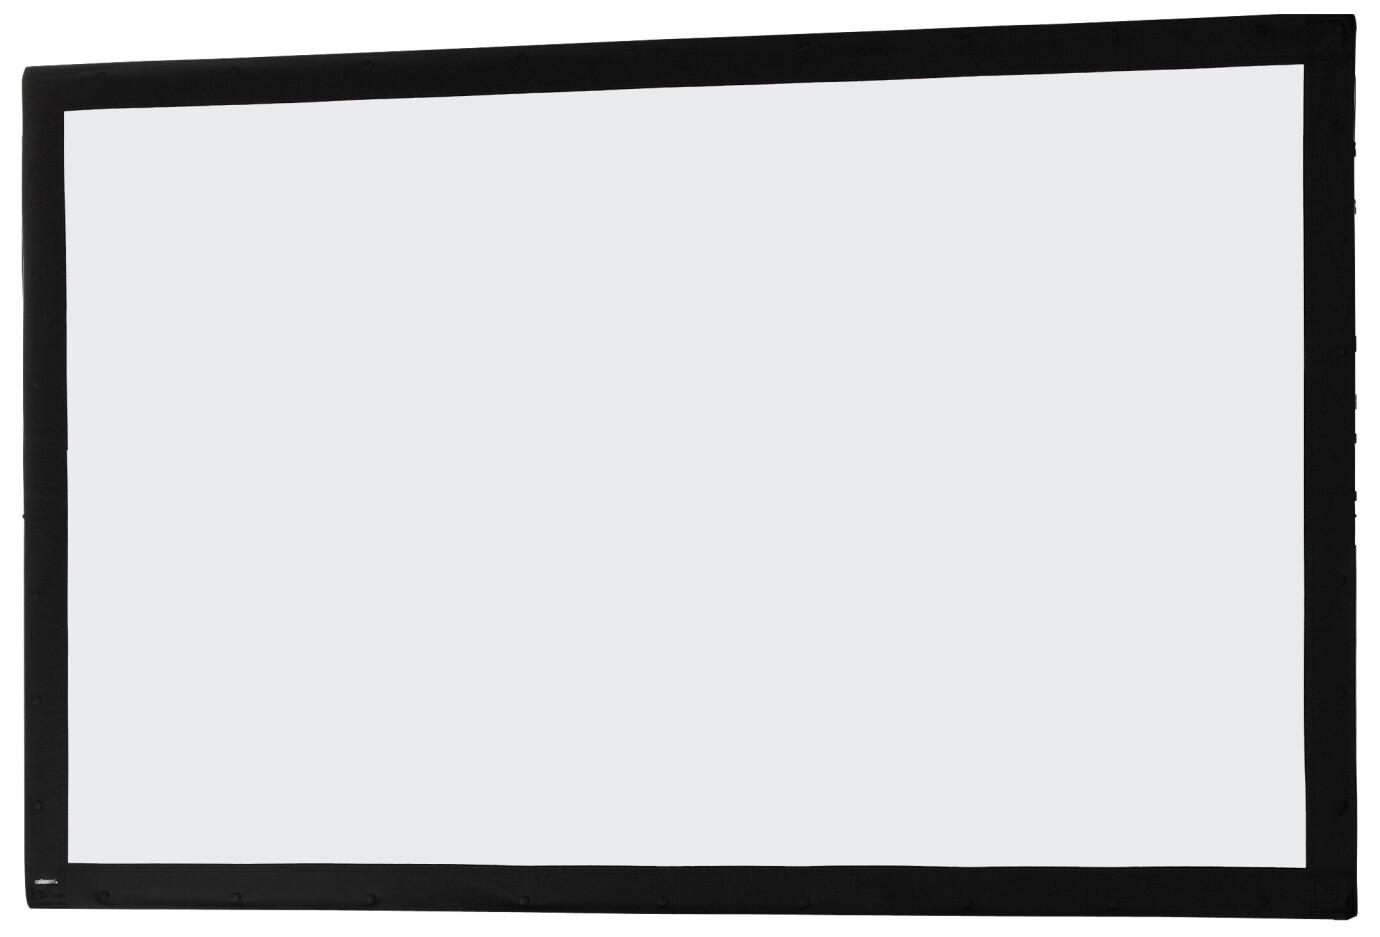 celexon Tuch für Faltrahmen Mobil Expert - 203 x 127 cm